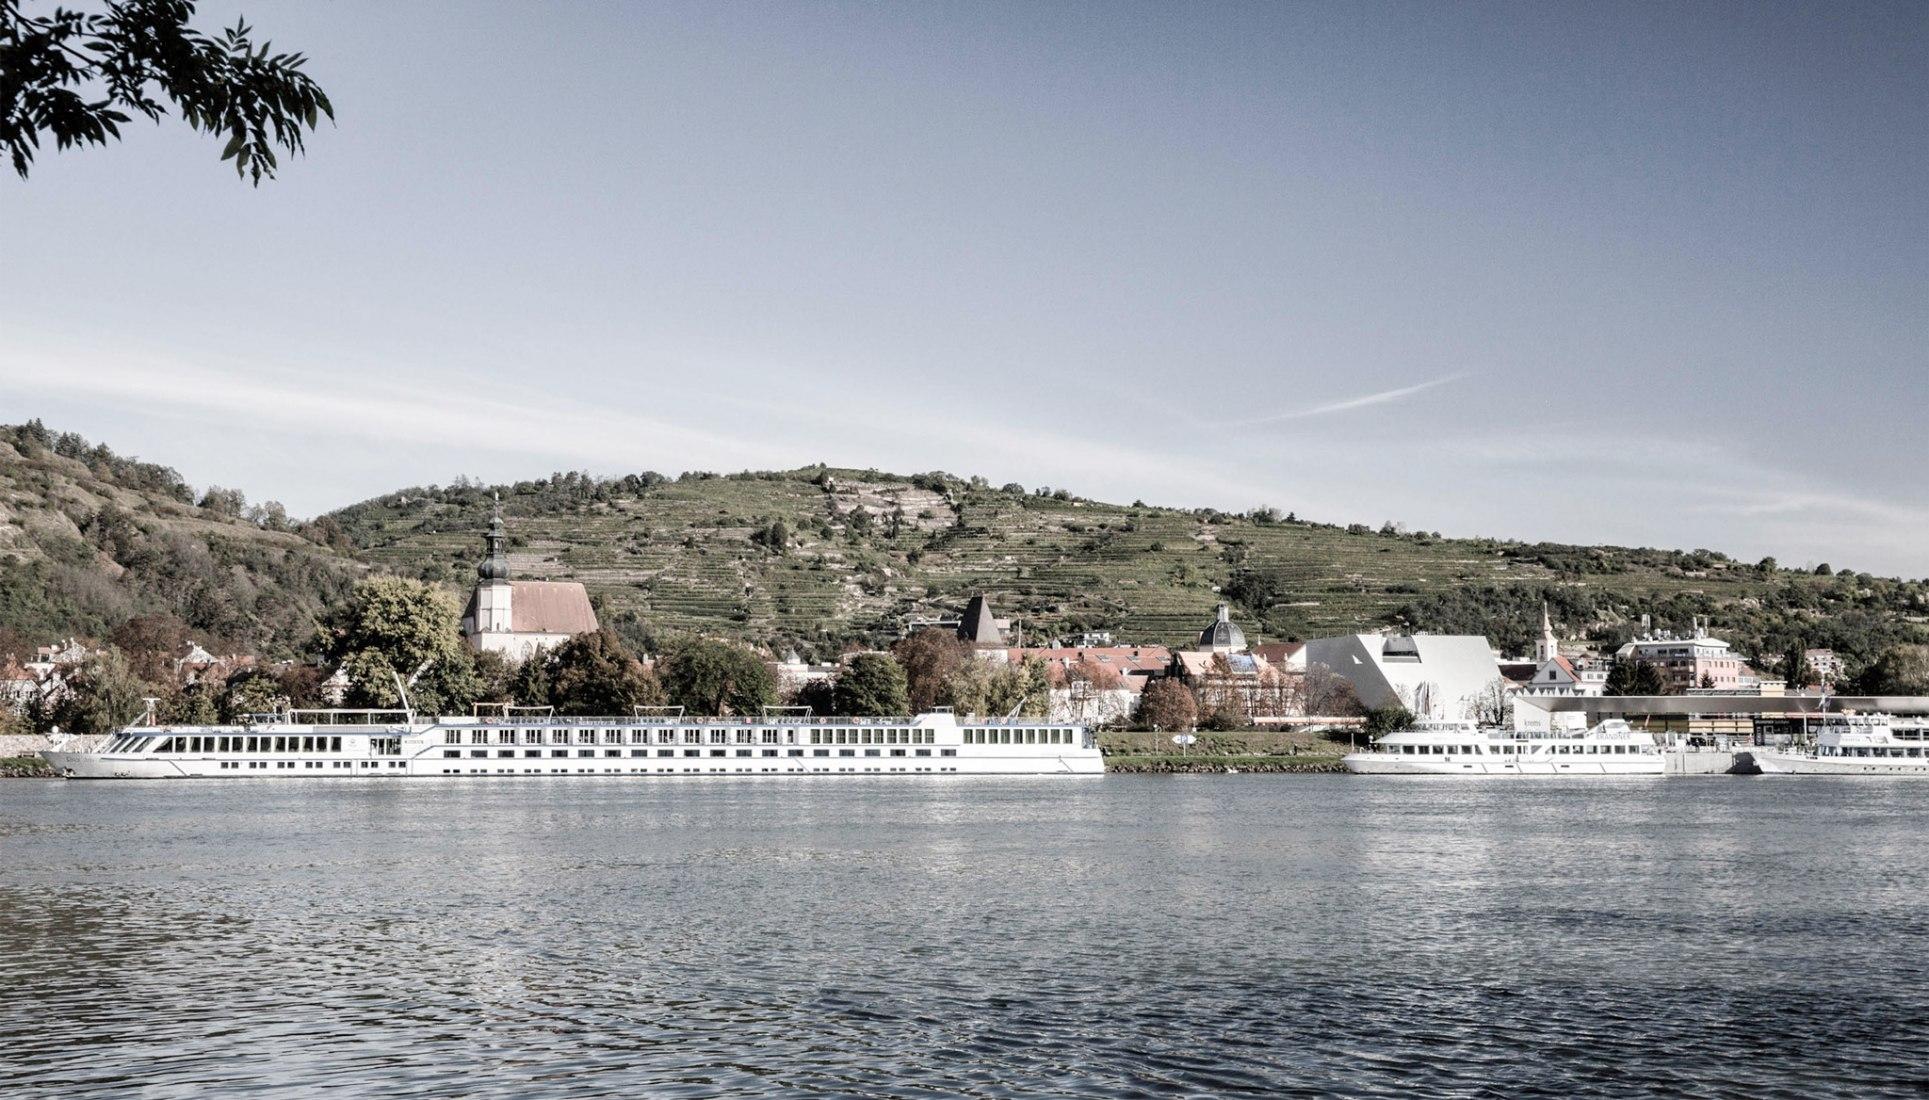 Galería Estatal de la Baja Austria por Marte.Marte Architekten. Fotografía de Faruk Pinjo Photography